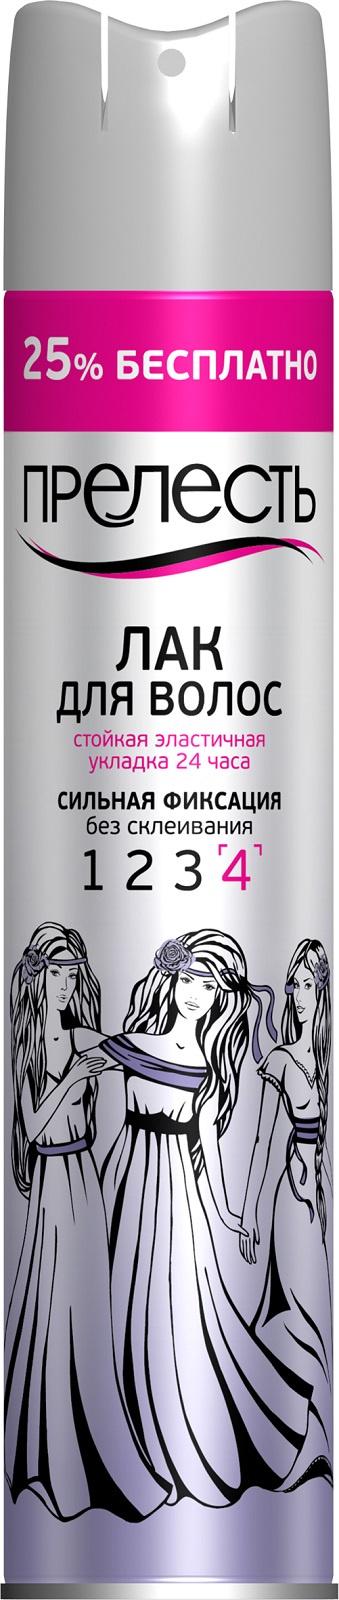 Лак для волос Прелесть Сильная фиксация промо-формат, 250 мл для волос фаберлик отзывы